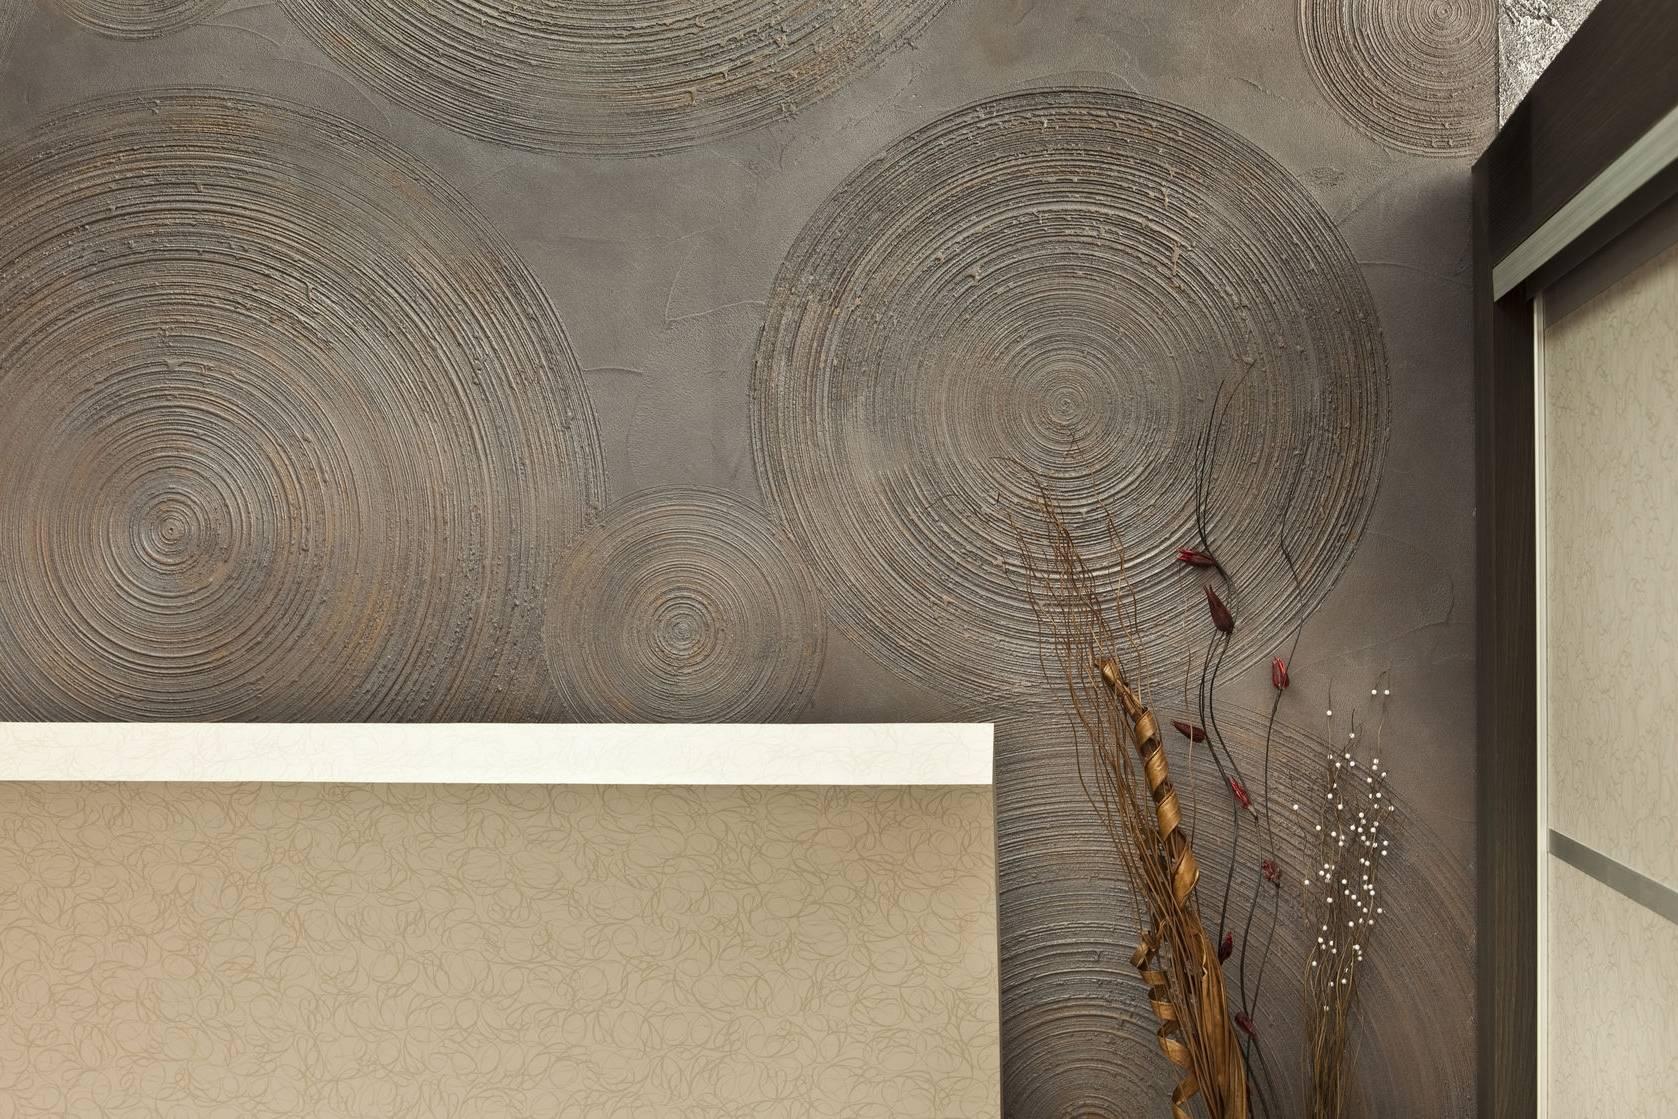 Декоративная штукатурка из обычной шпаклевки версальская и другие: фото, валик и иные инструменты для работы и чем можно покрыть стены, как сделать своими руками?